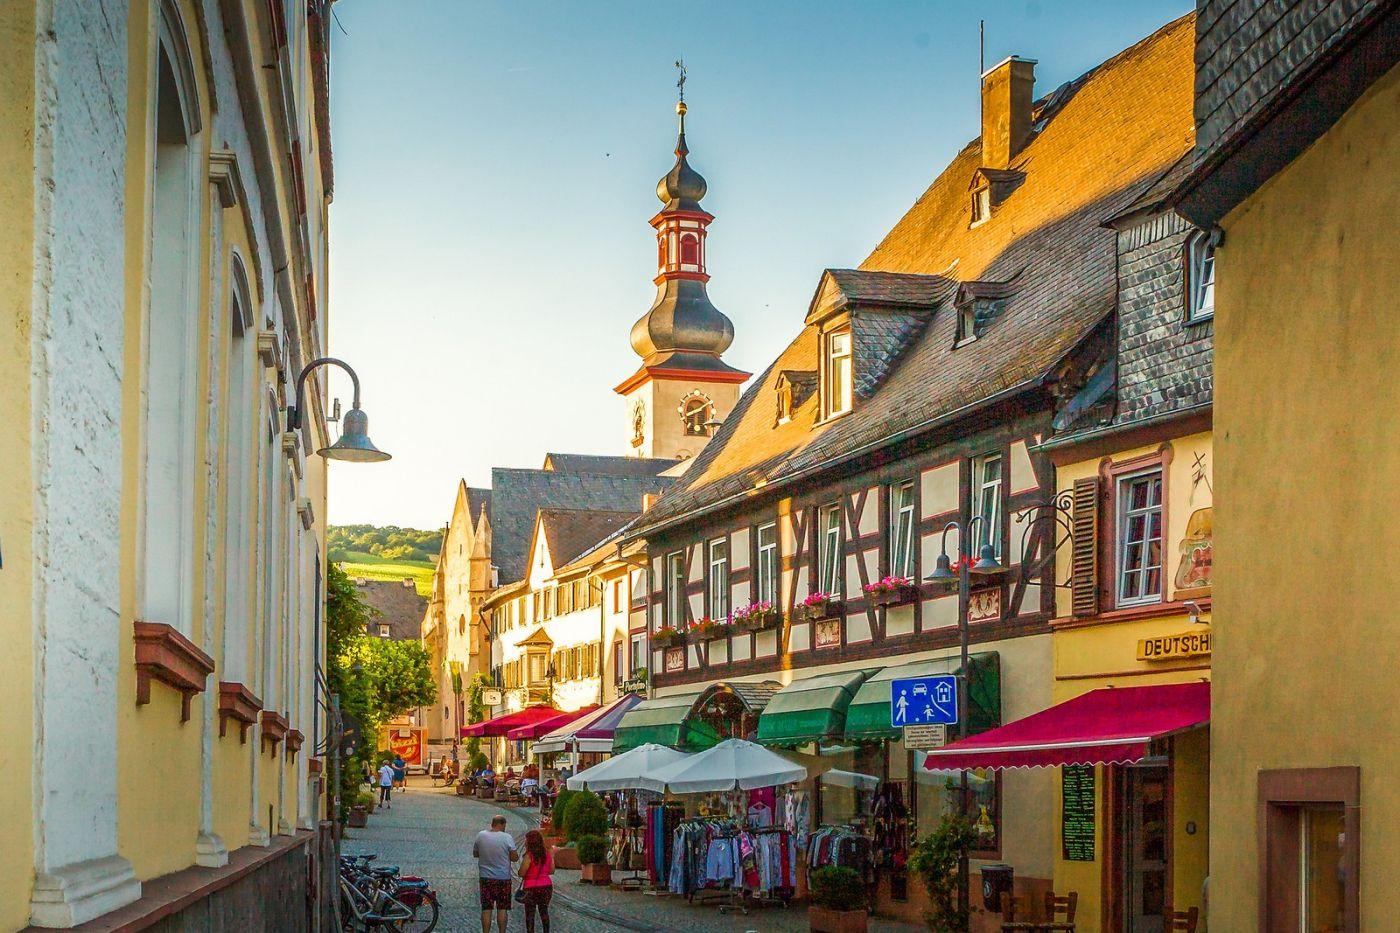 德国吕德斯海姆(Rudesheim),莱茵河畔的小镇_图1-9